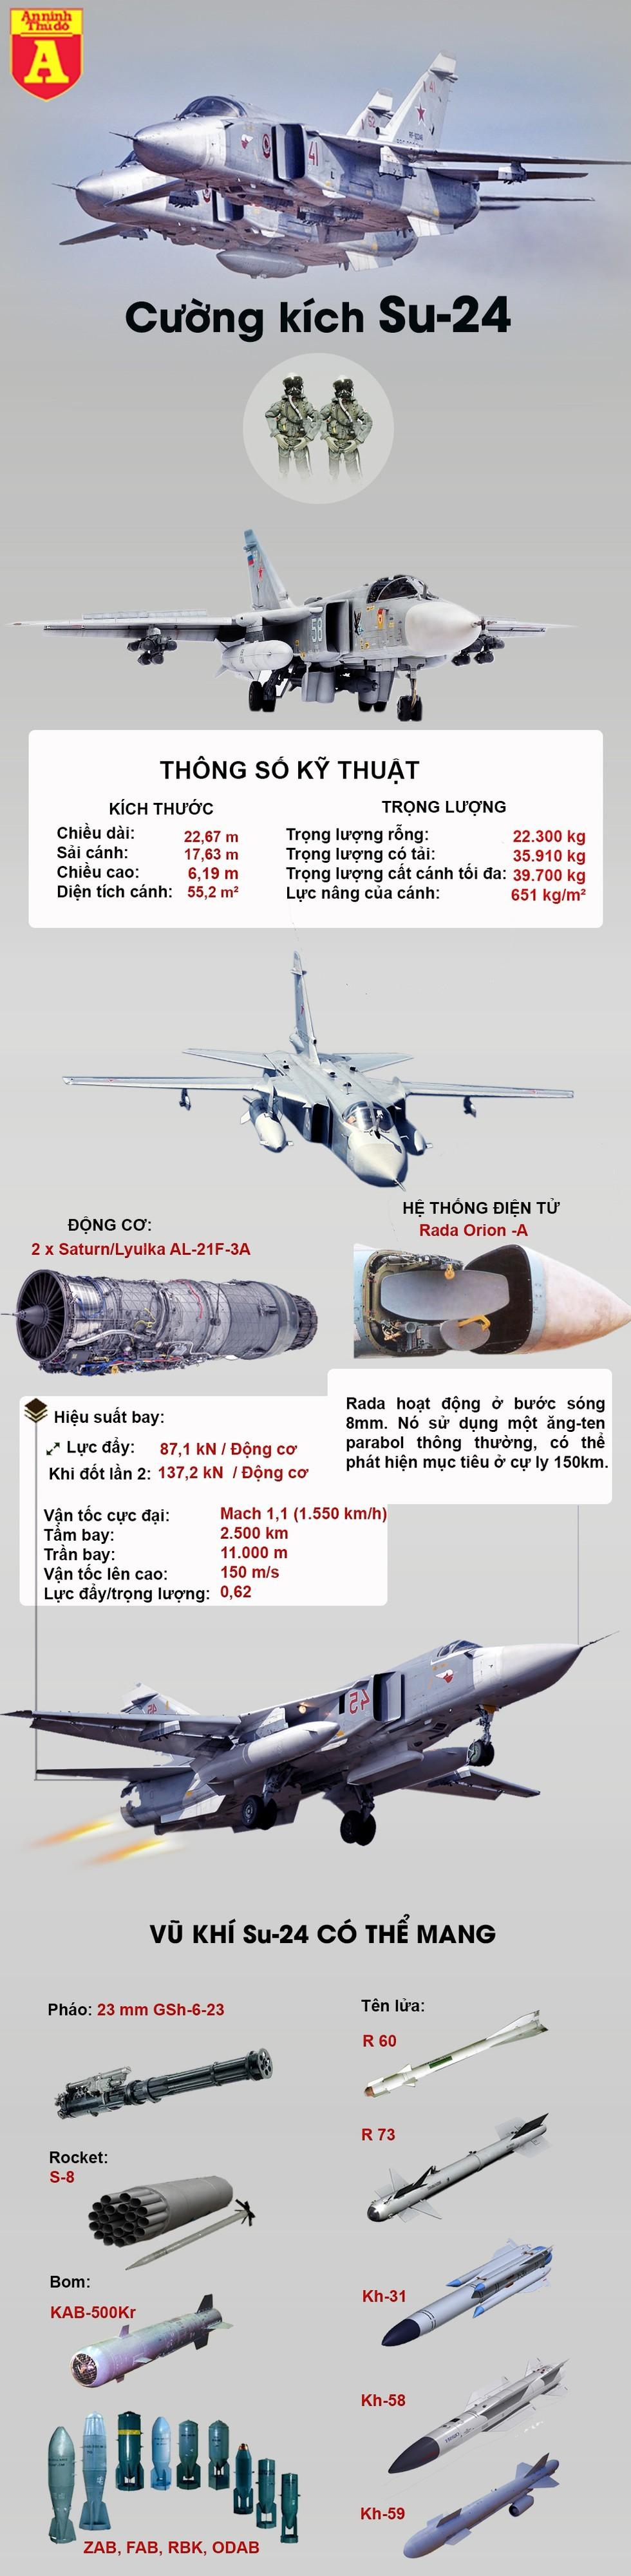 [Info] Thổ Nhĩ Kỳ bắn rơi liền lúc 2 chiến đấu cơ Syria, nghi trong đó có cả 'kiếm sĩ' Su-24 ảnh 3